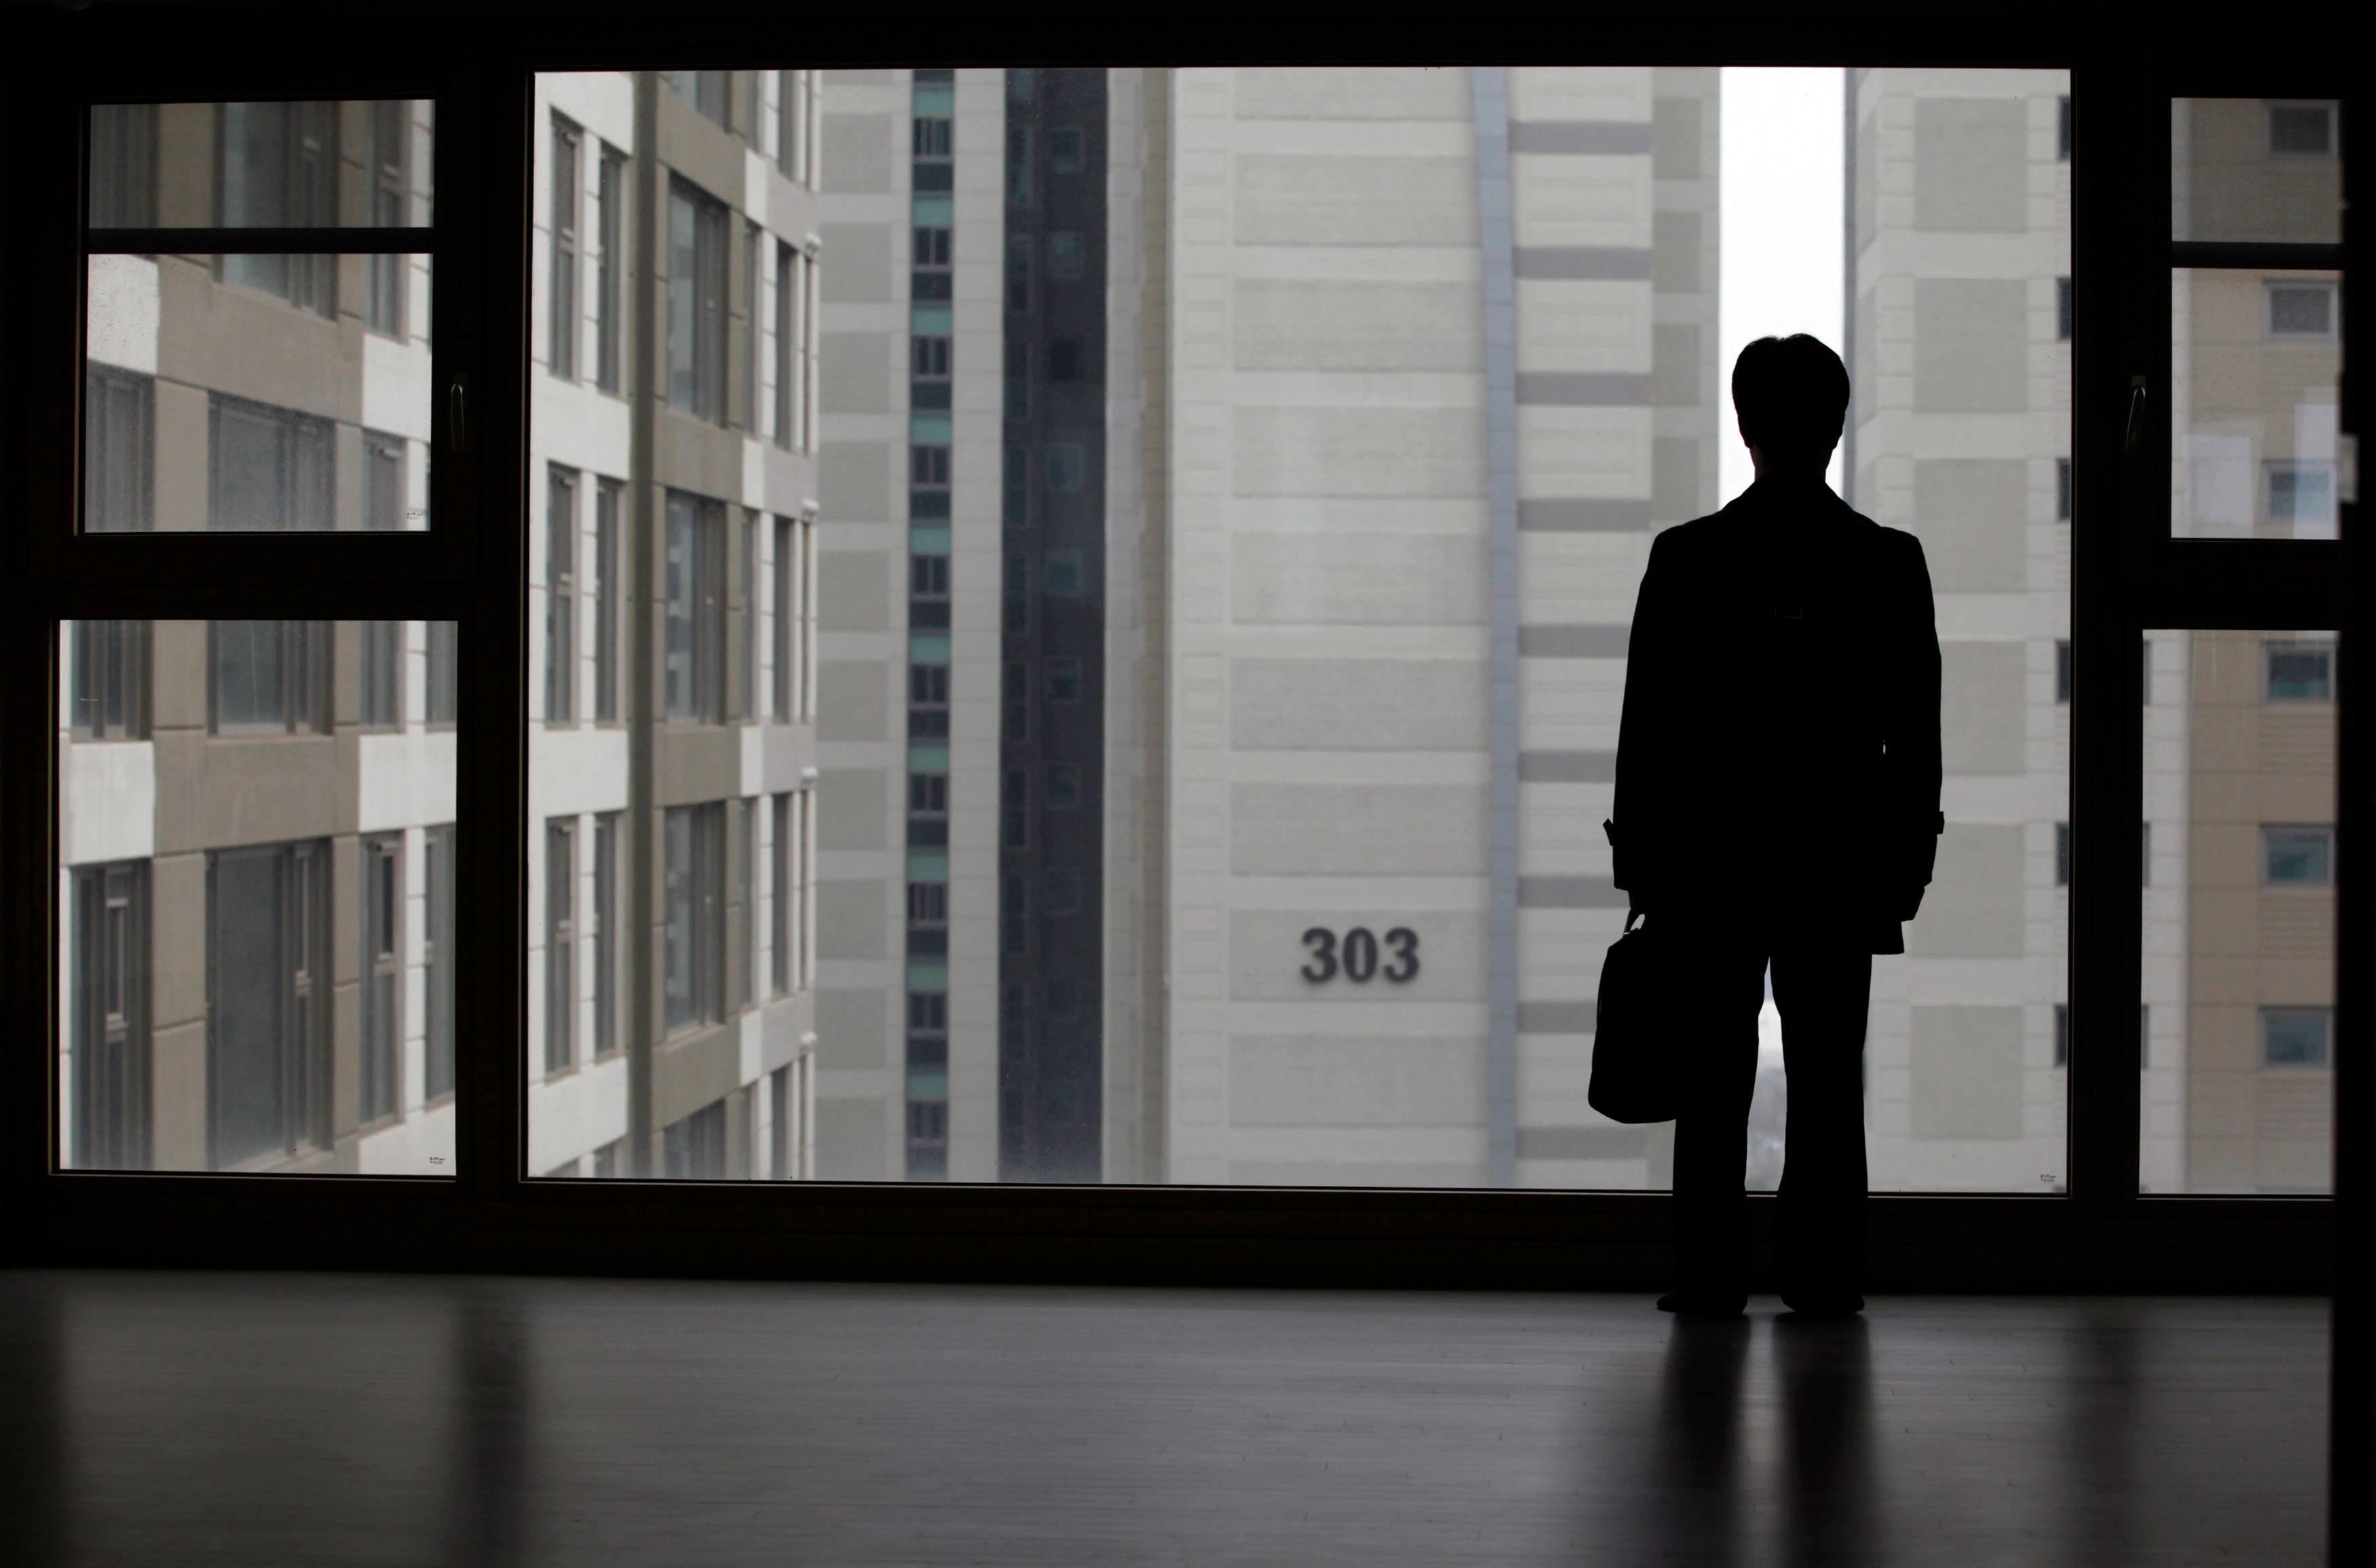 L'école des chefs d'entreprise en herbe serait ouverte à tous et dispenserait des cours très variés.